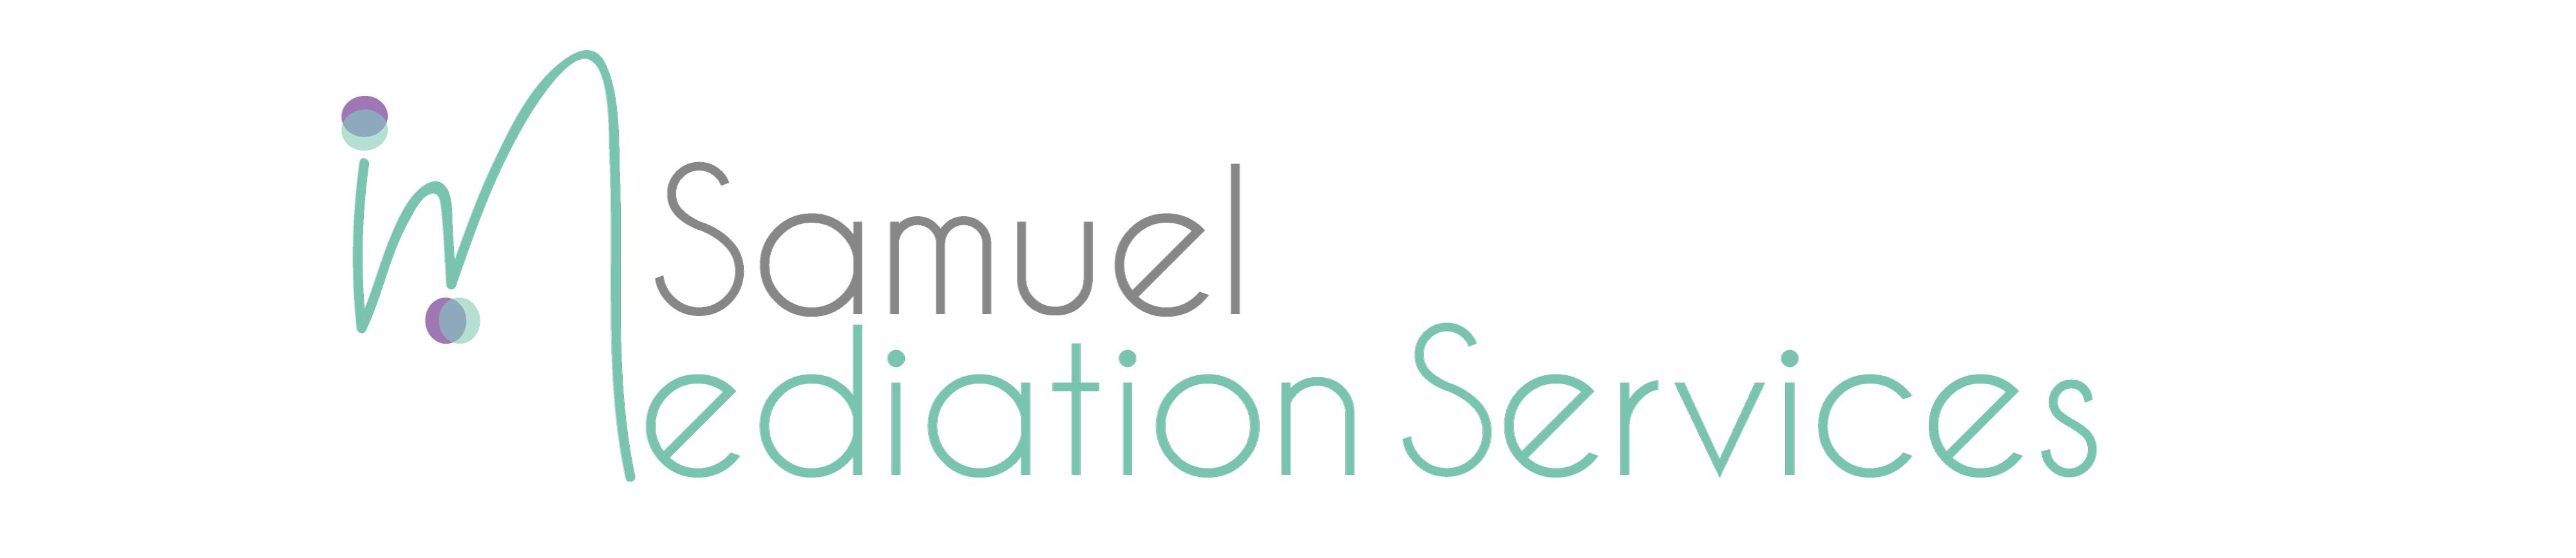 Samuel Mediation